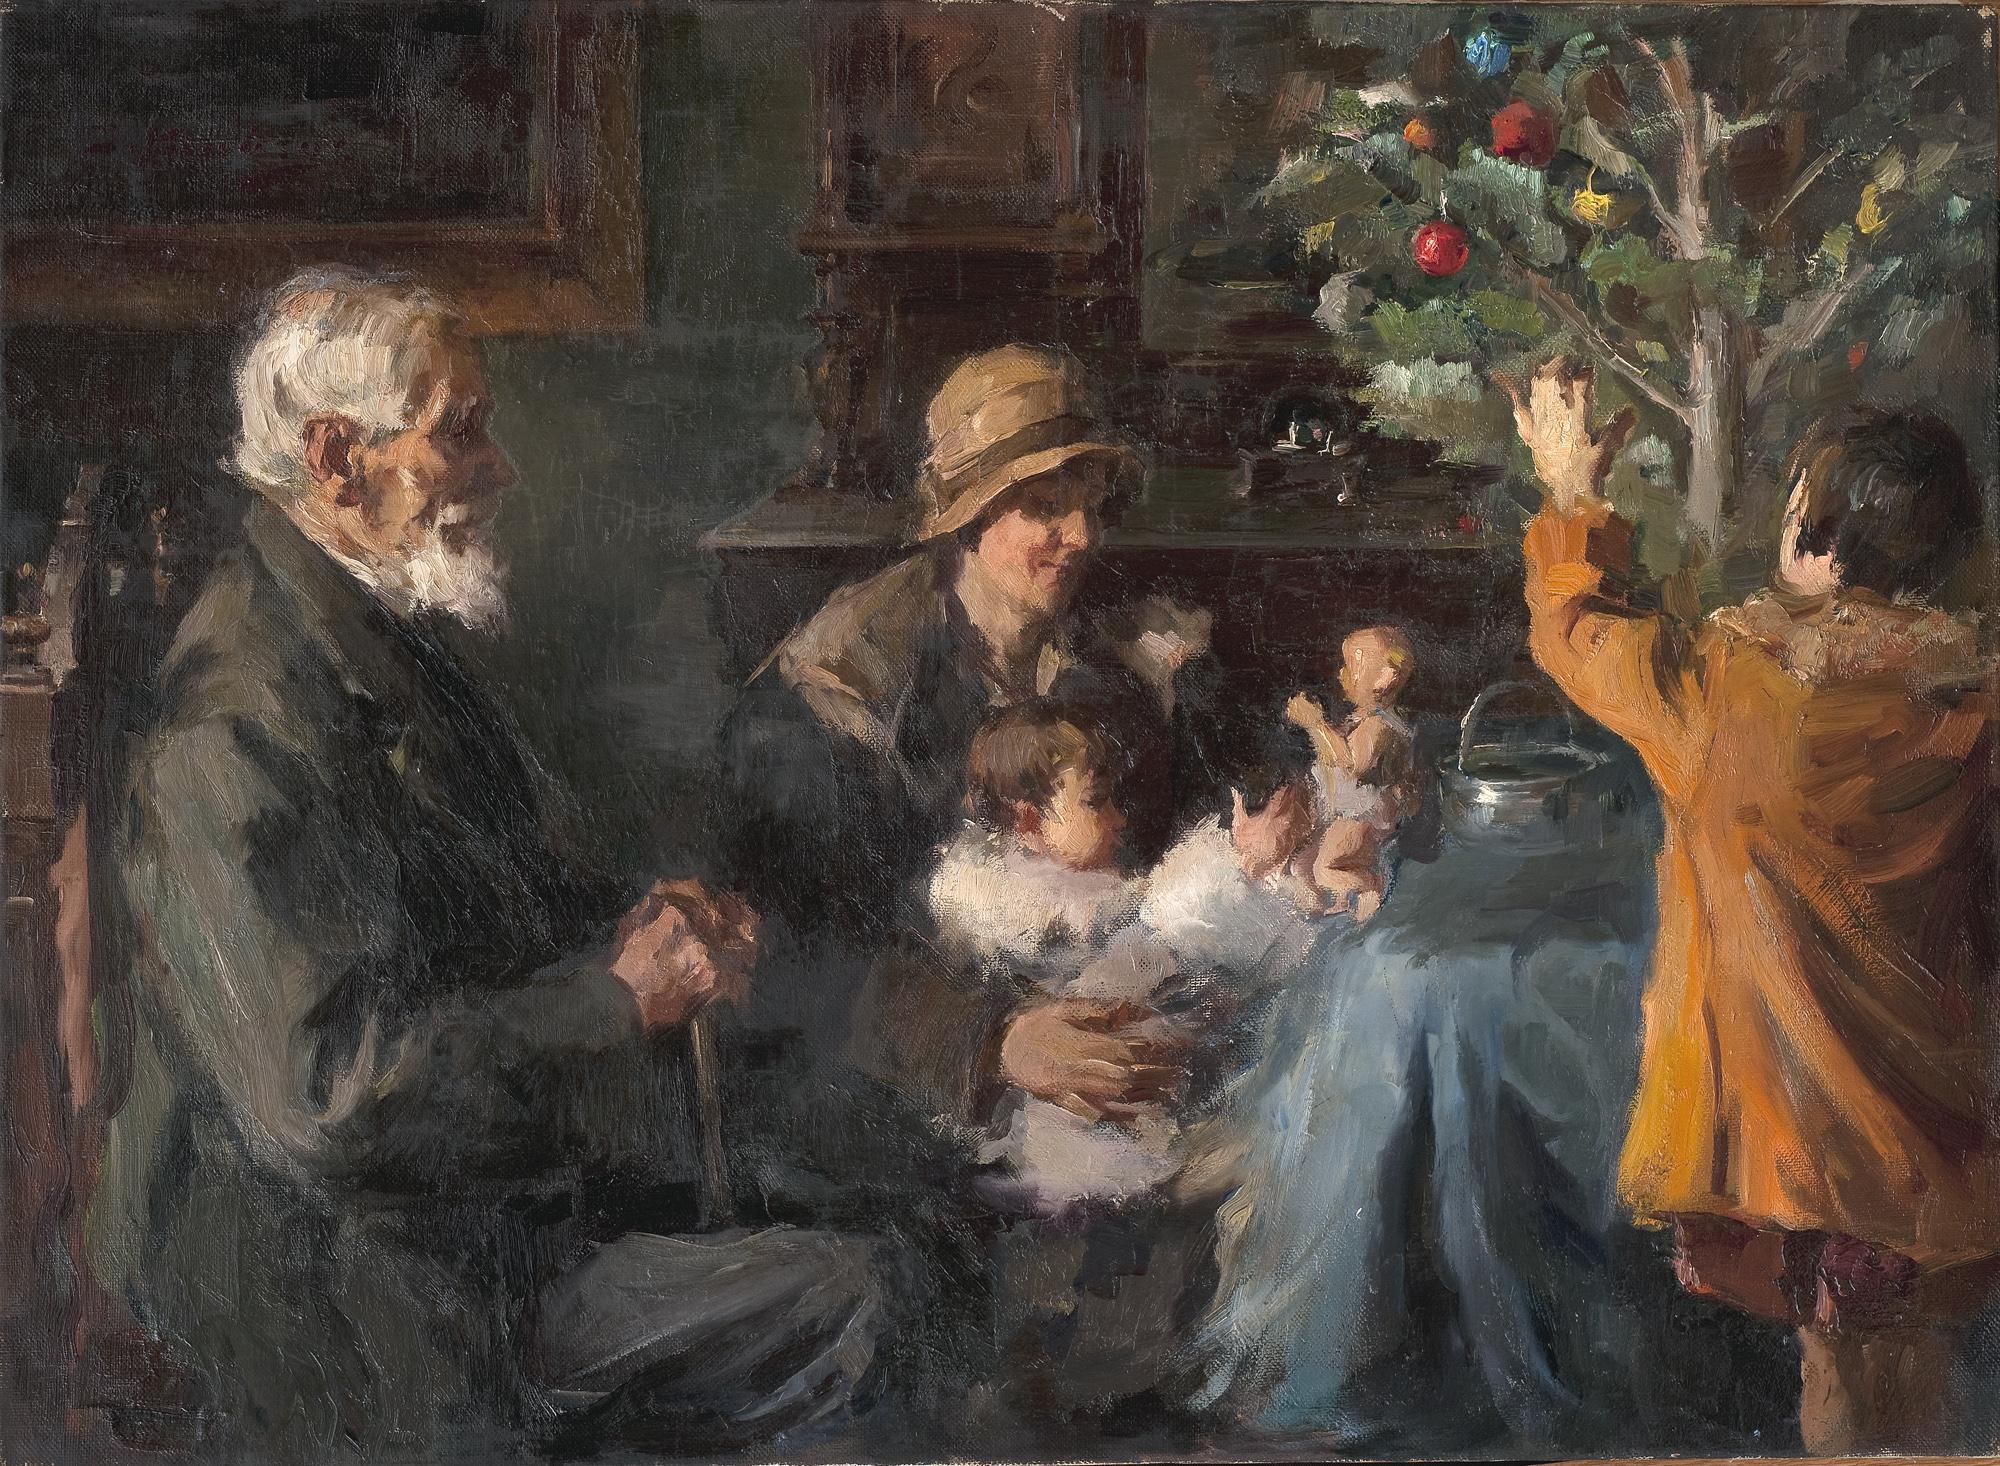 Η περίοδος των γιορτών στους καμβάδες των μεγάλων Ελλήνων ζωγράφων (ΦΩΤΟ)